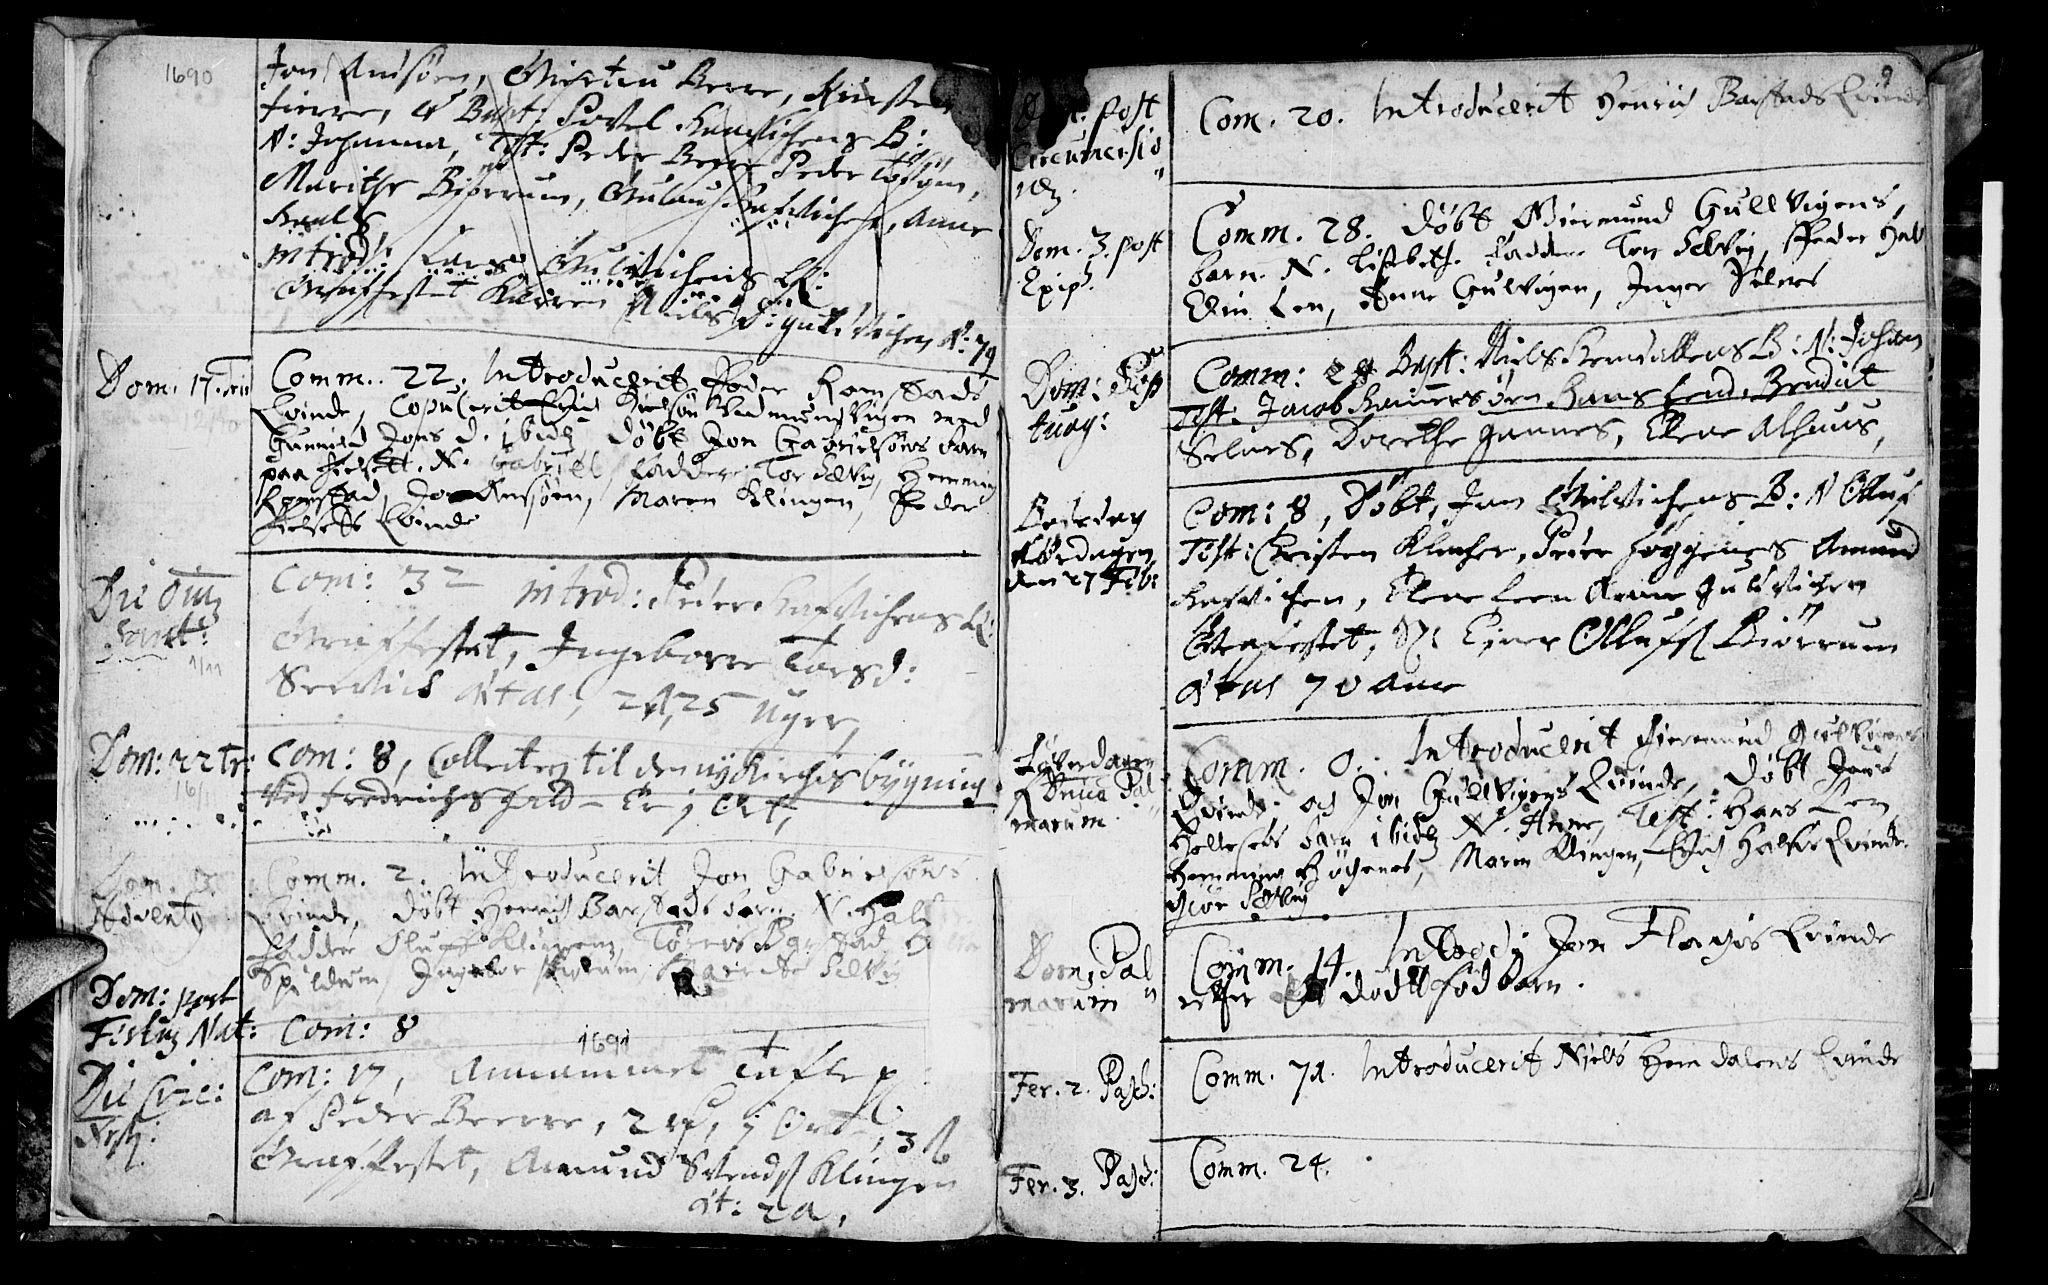 SAT, Ministerialprotokoller, klokkerbøker og fødselsregistre - Nord-Trøndelag, 770/L0587: Ministerialbok nr. 770A01, 1689-1697, s. 8-9